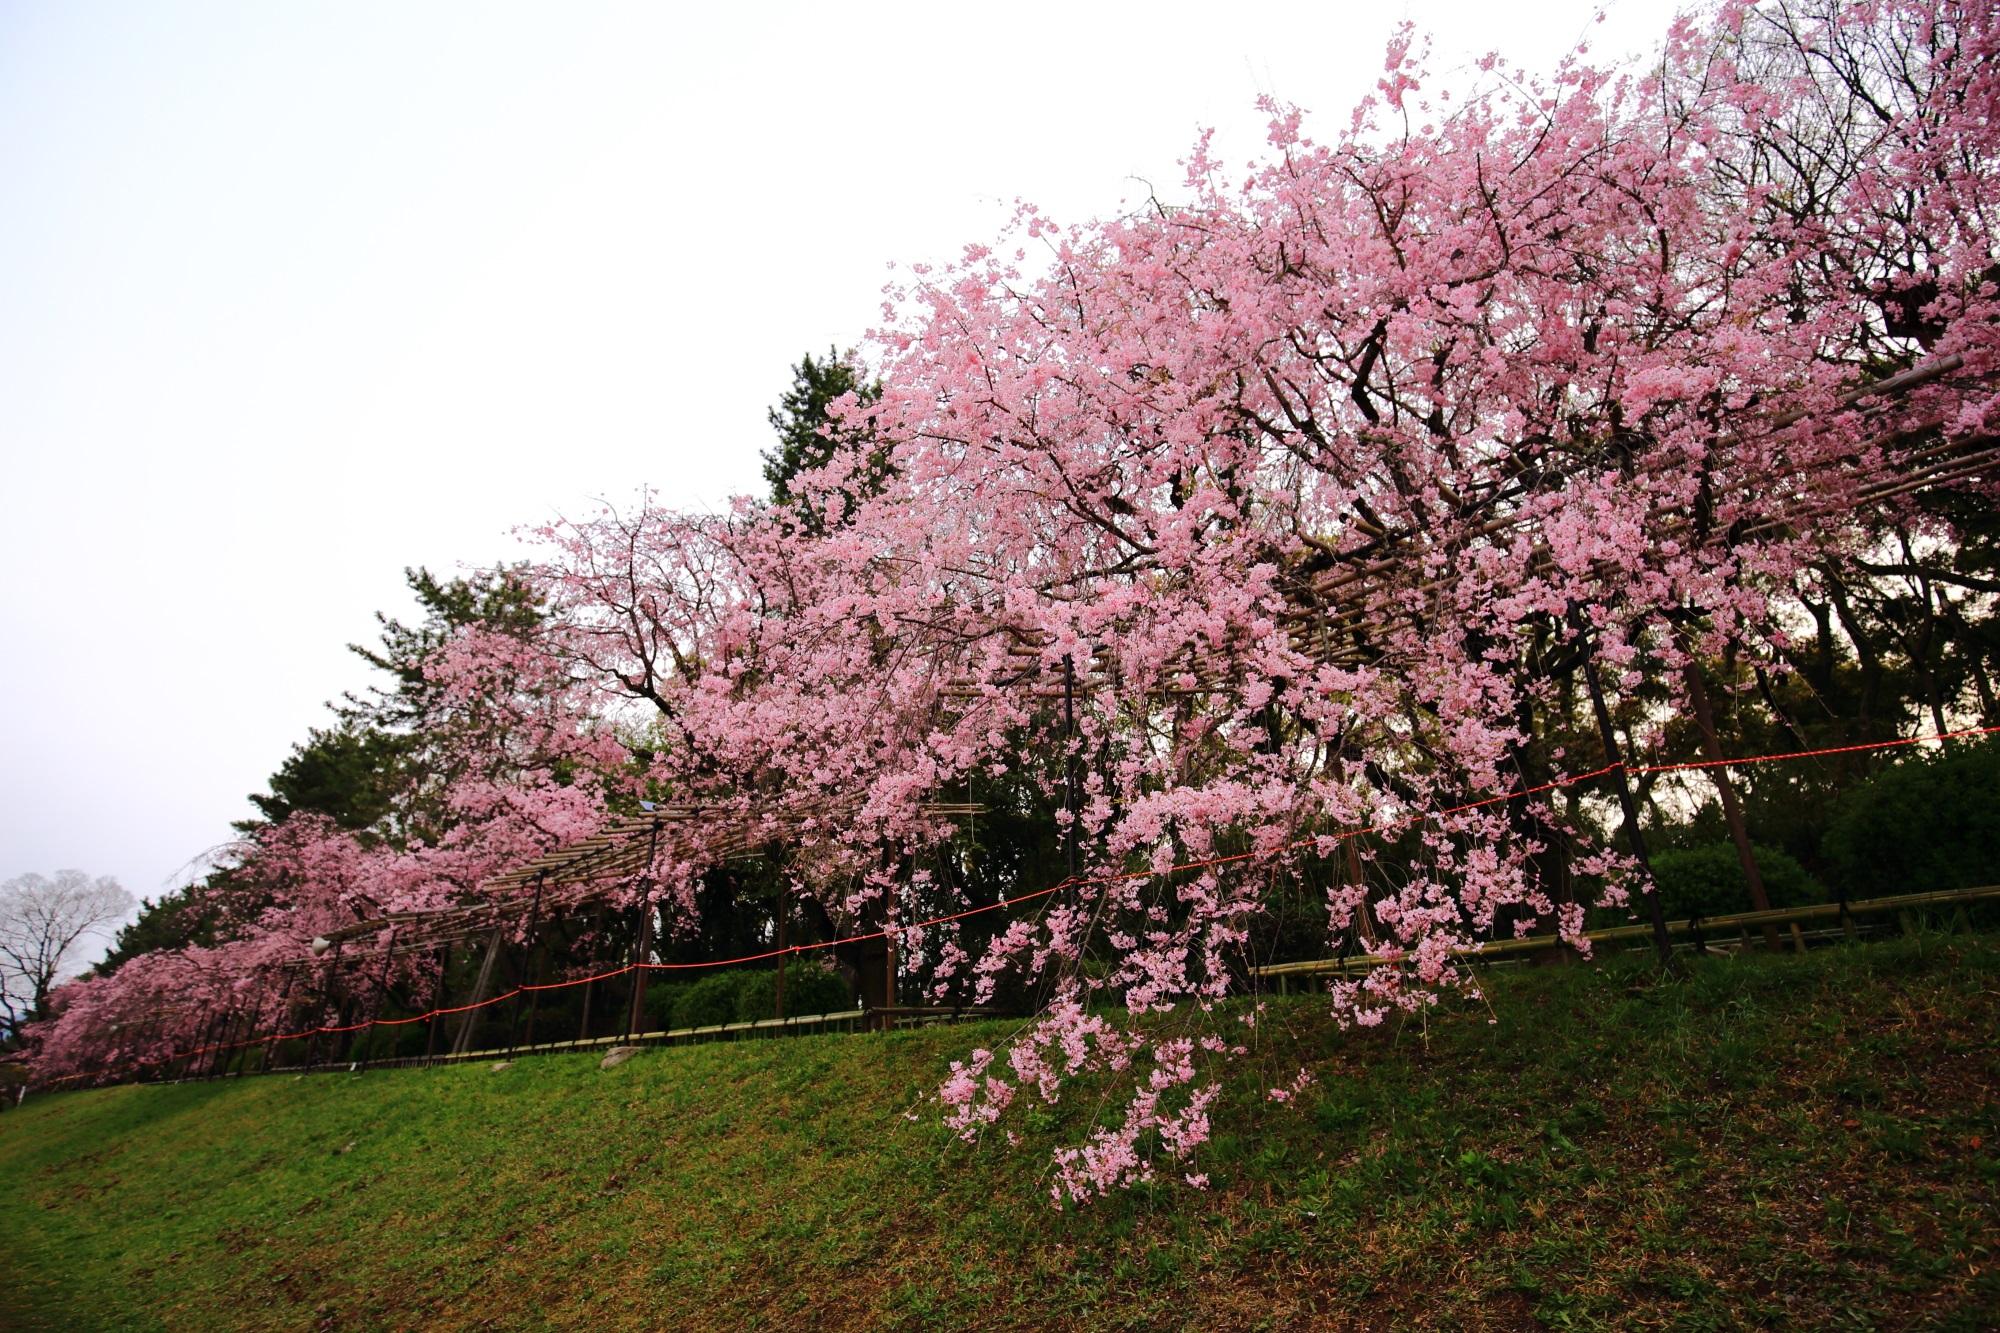 桜並木の道から緑の芝生まで溢れ出す満開のしだれ桜